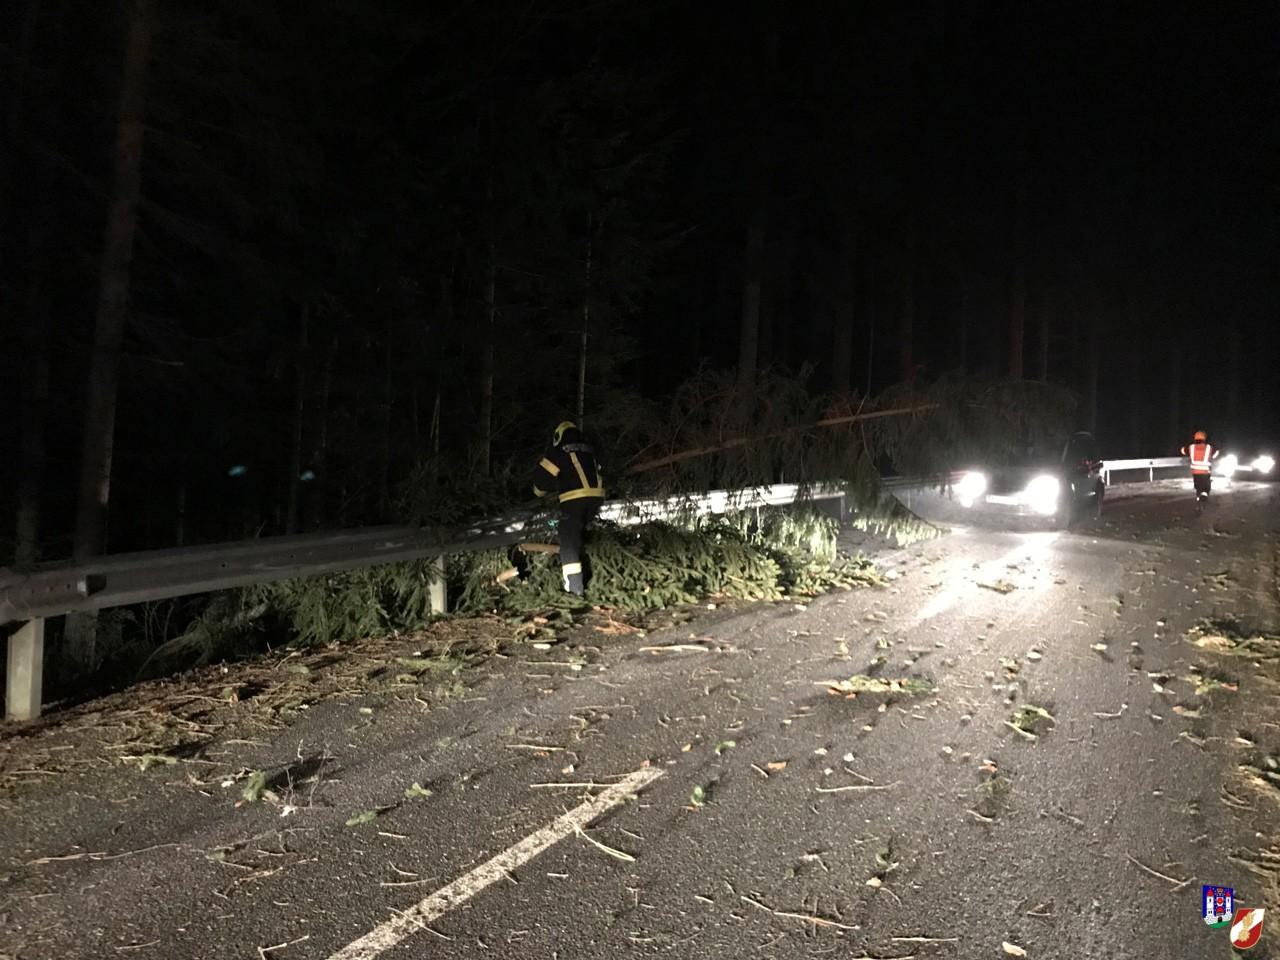 Baum blockierte Straße